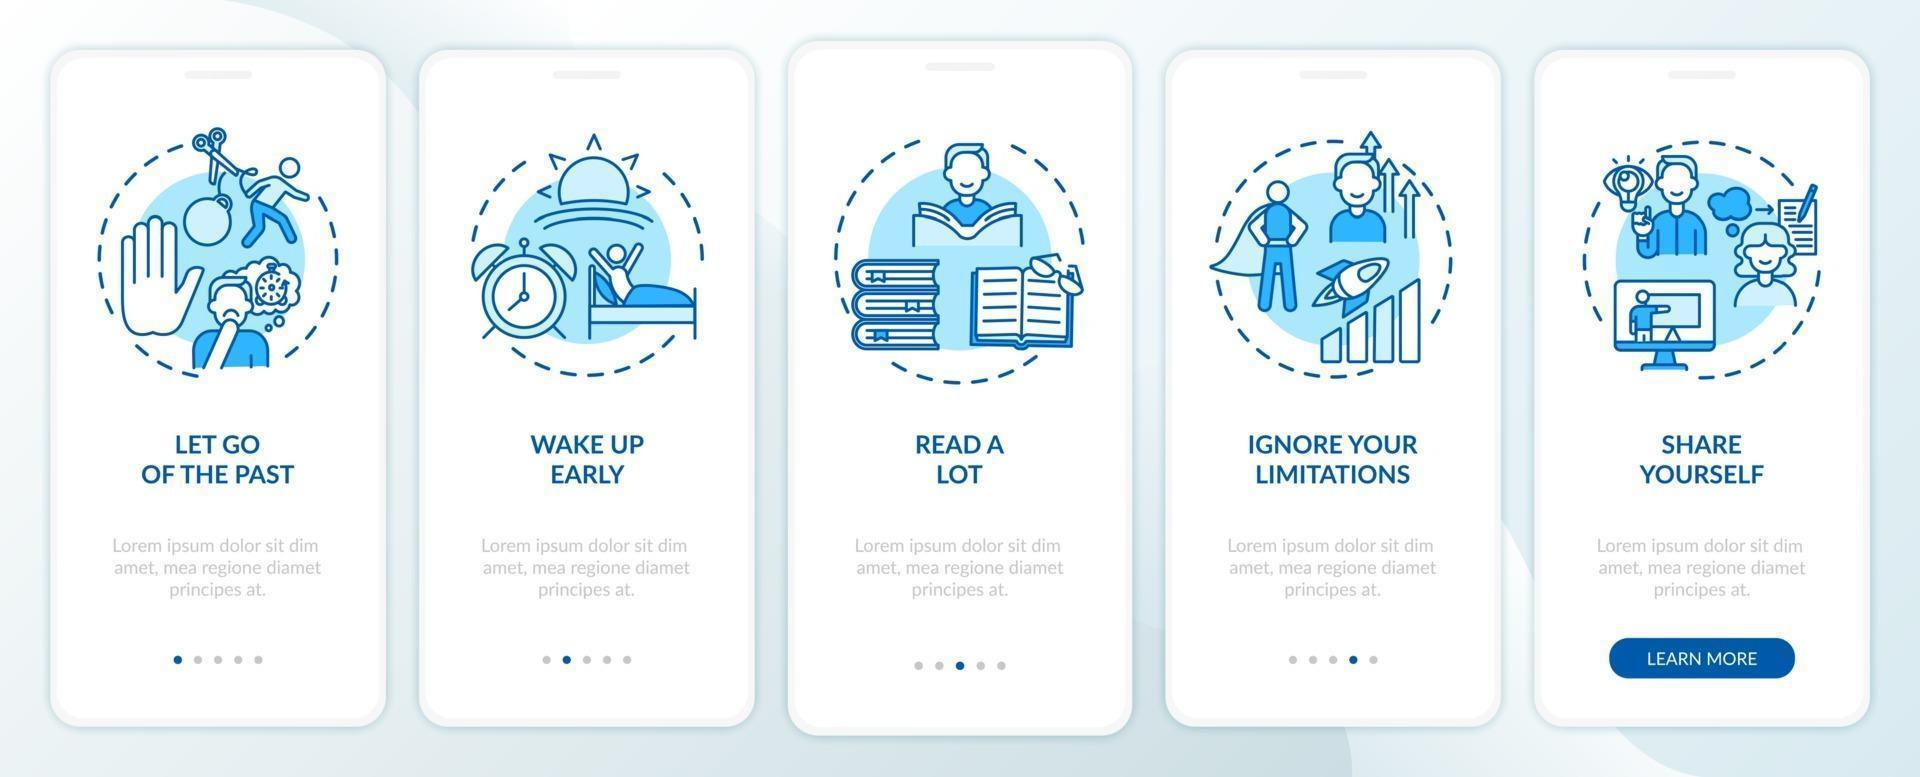 självutvecklingstips blå ombord mobilappsskärm med koncept vektor